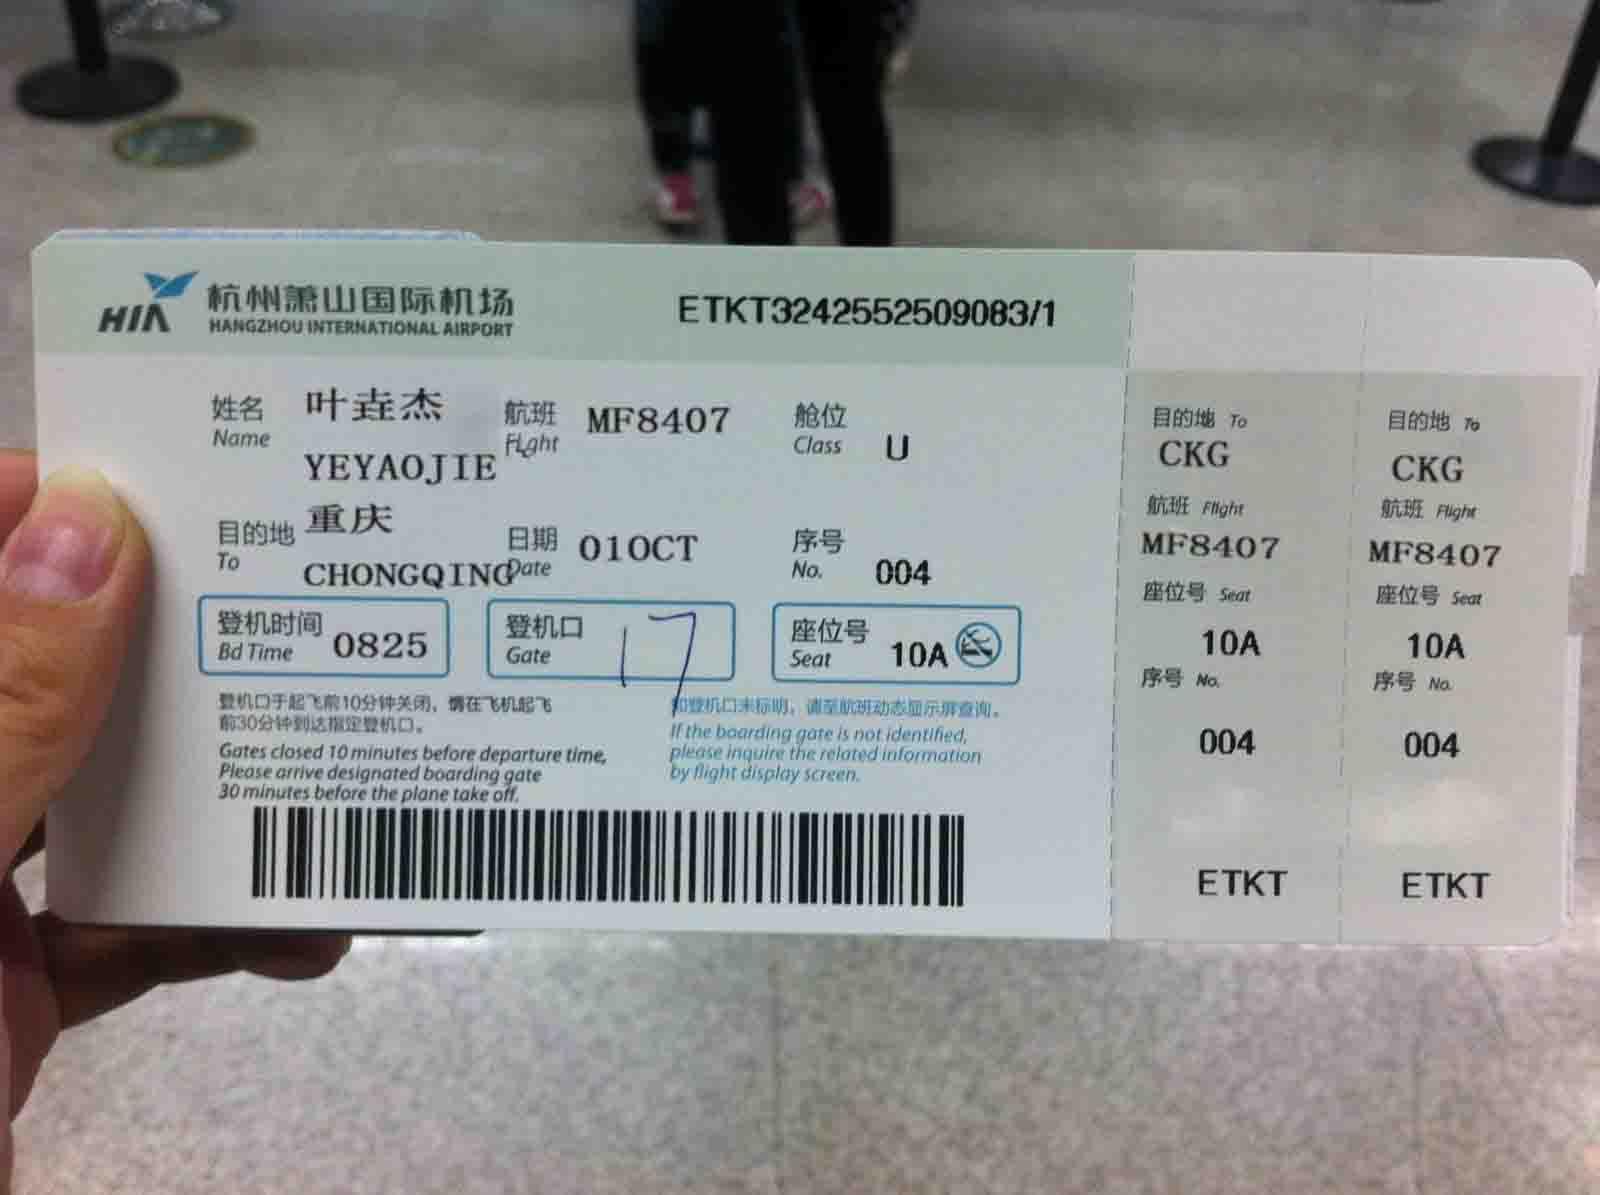 名侦探��ce�l#�al9.9k��.�_ps高手呢?求一张杭州到重庆的飞机票 时间是2014年10月1号 早上9点.